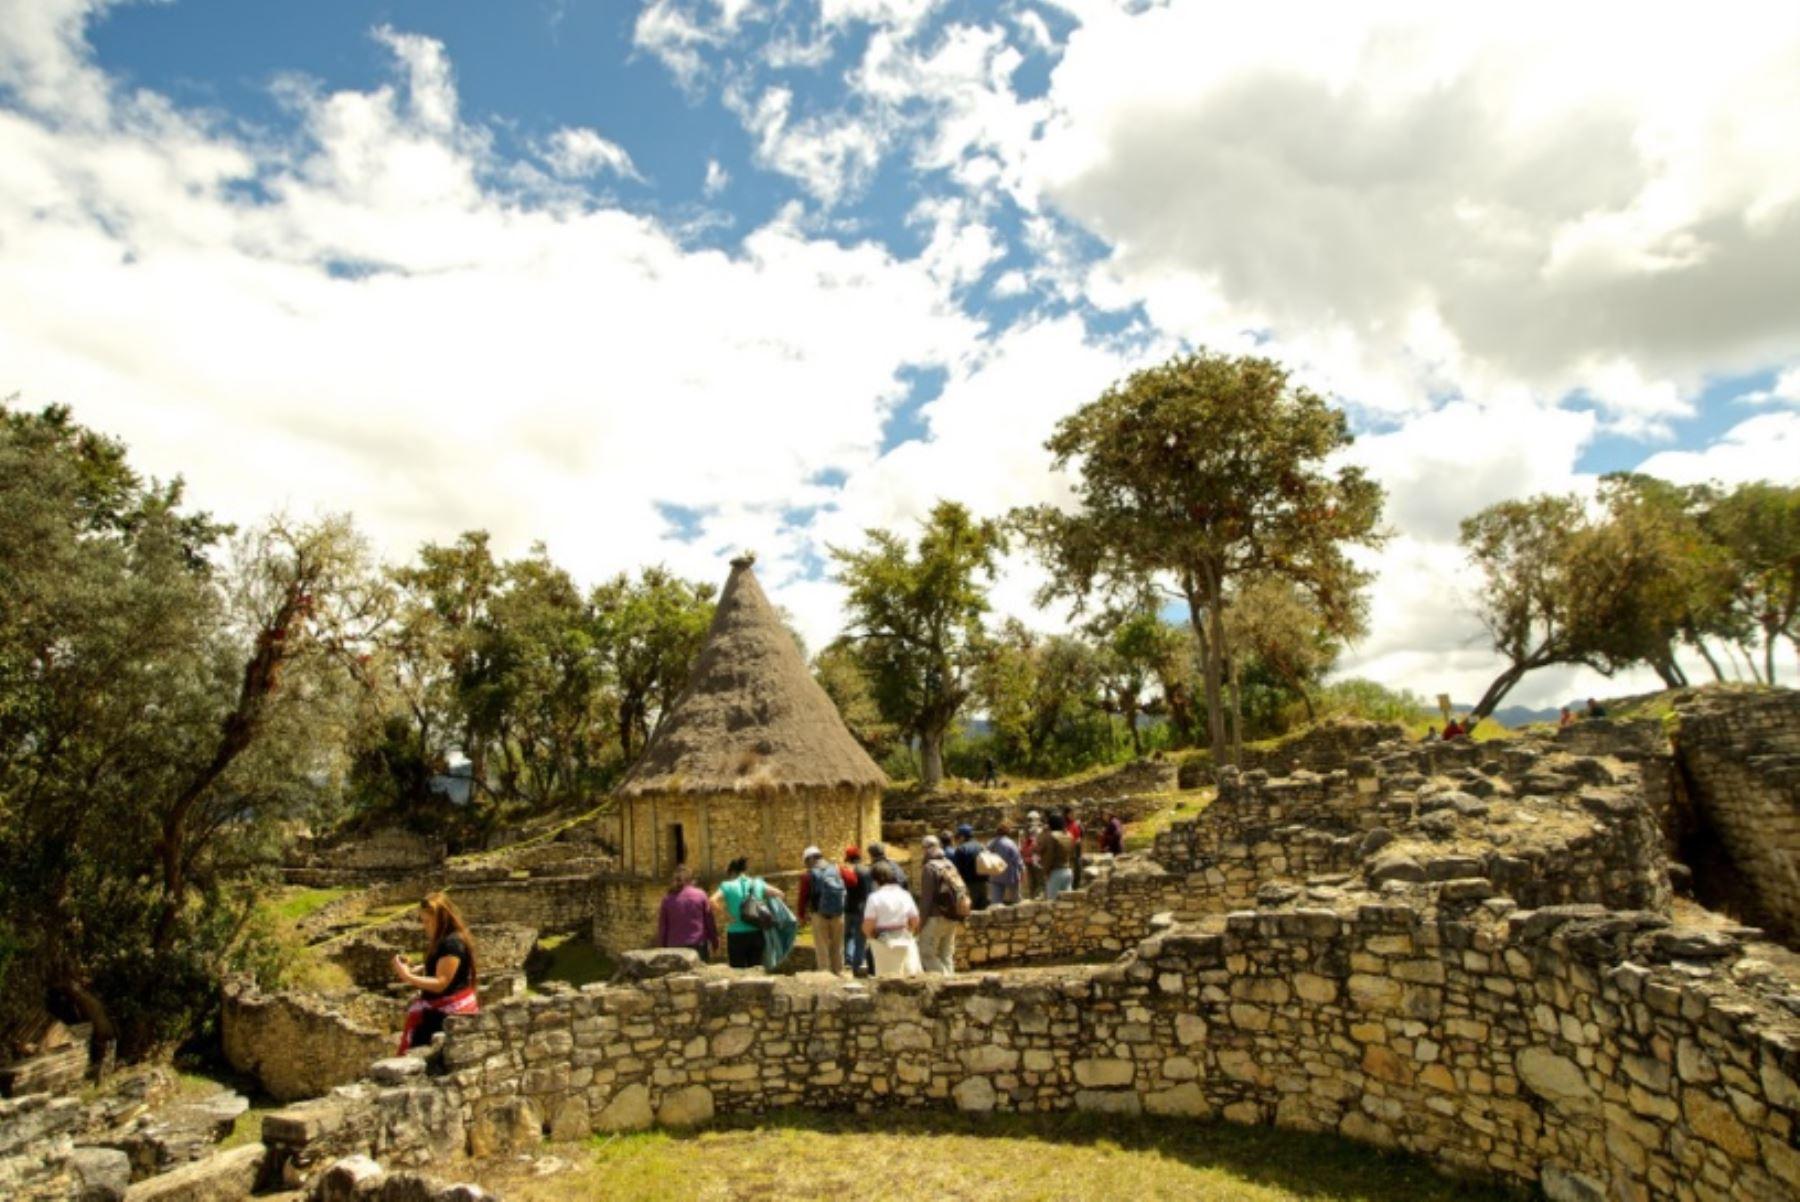 En 2017 afluencia sumó 102,905 turistas, de los cuales el 83% son peruanos. ANDINA/Difusión